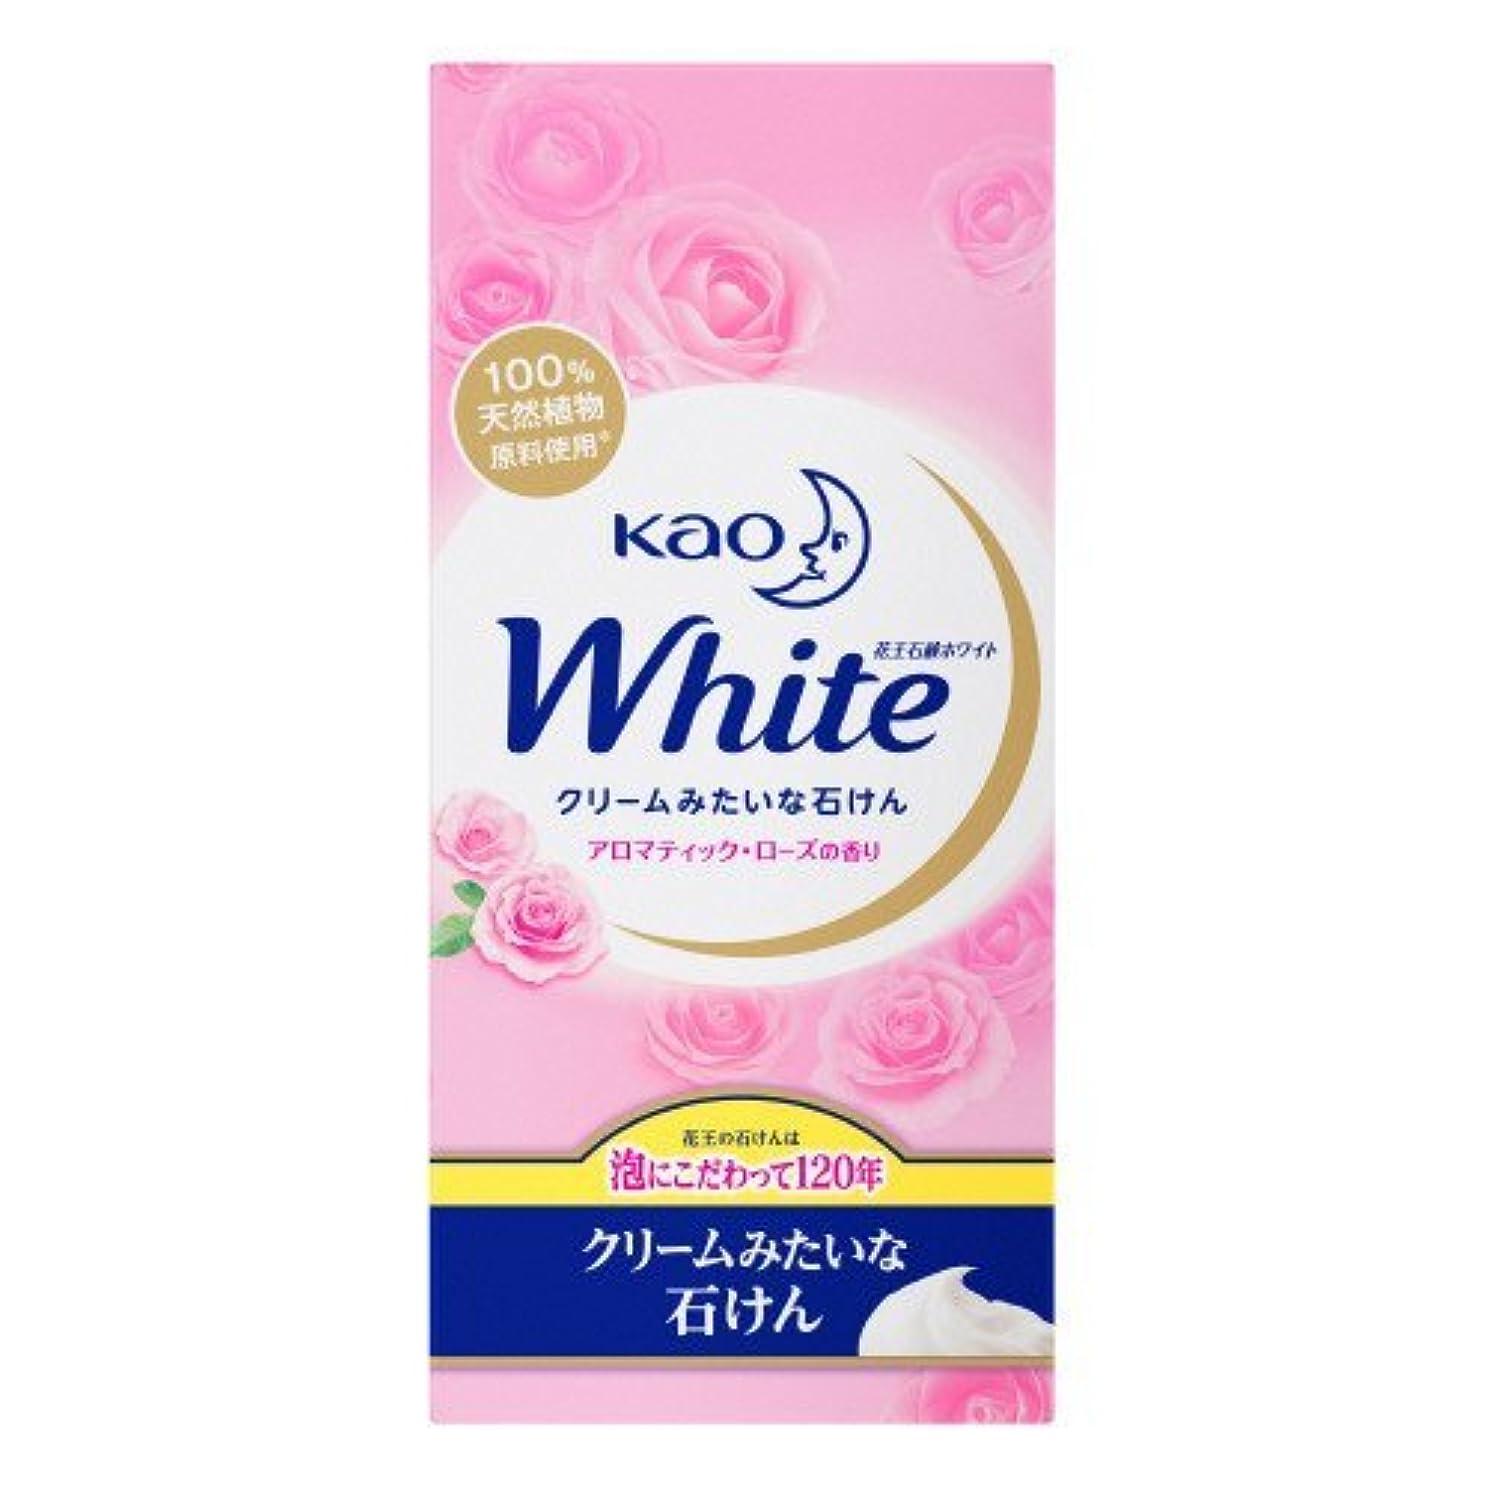 品種モニカ残る【花王】花王ホワイト アロマティックローズの香りレギュラーサイズ (85g×6個) ×20個セット